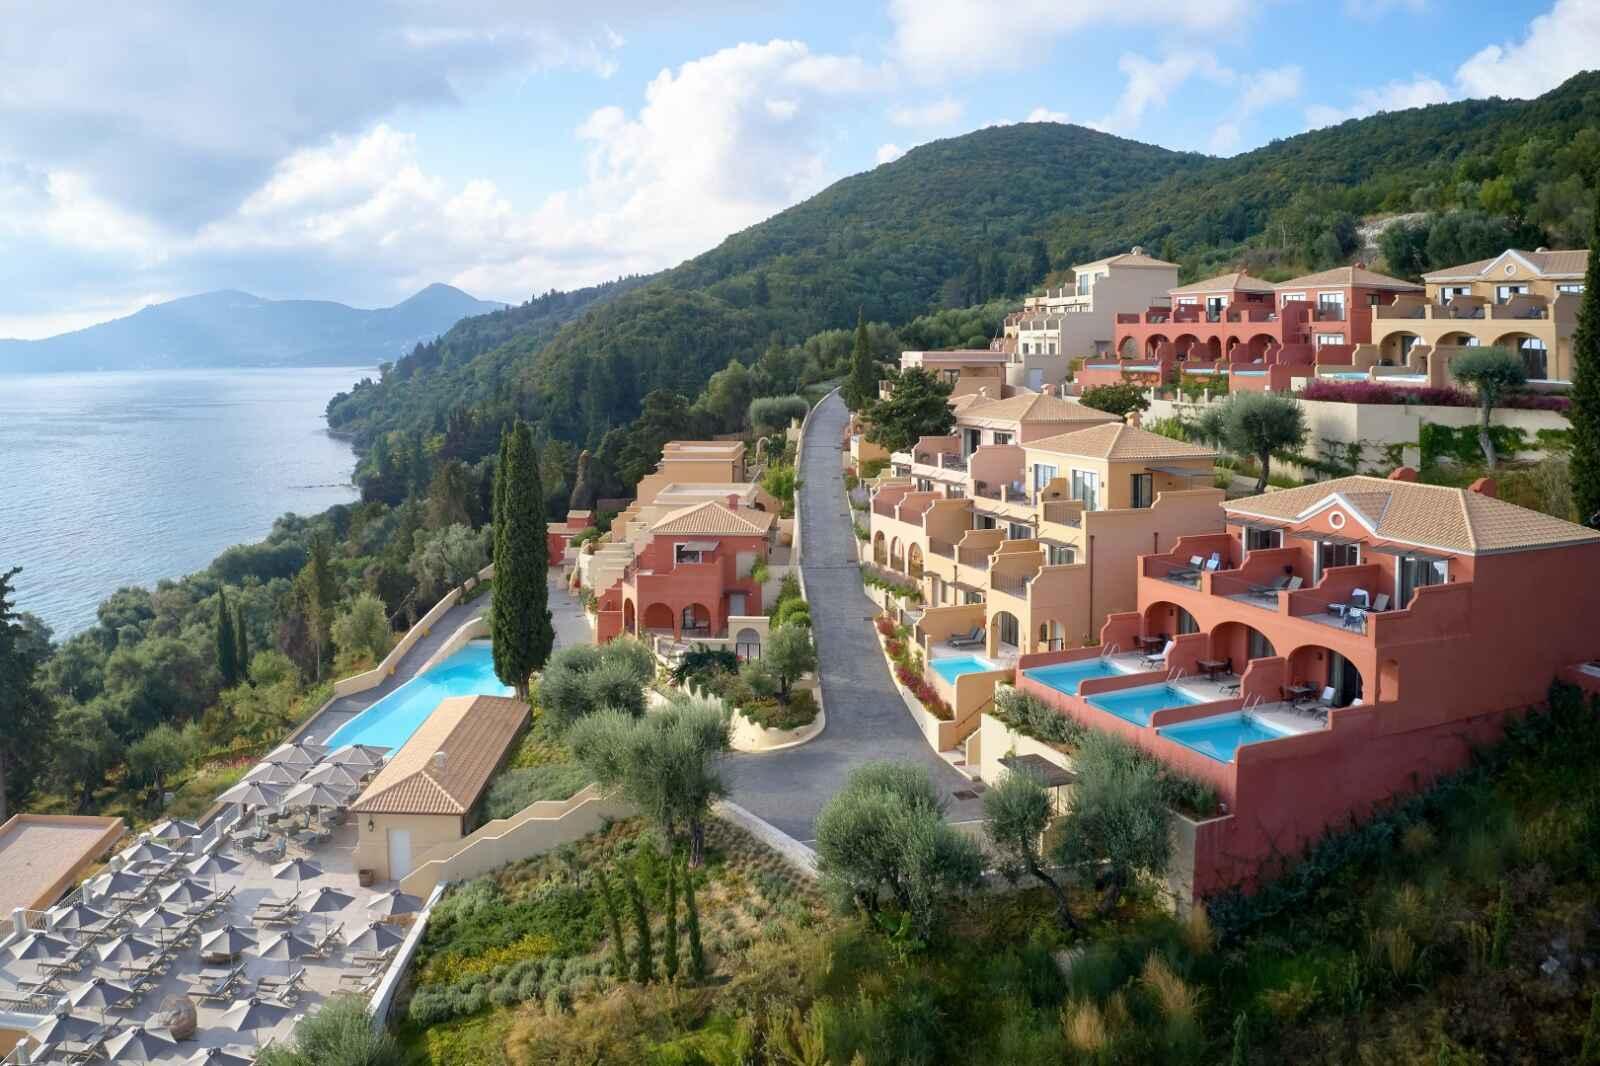 MarBella Nido Suite Hotel & Villas - 5*